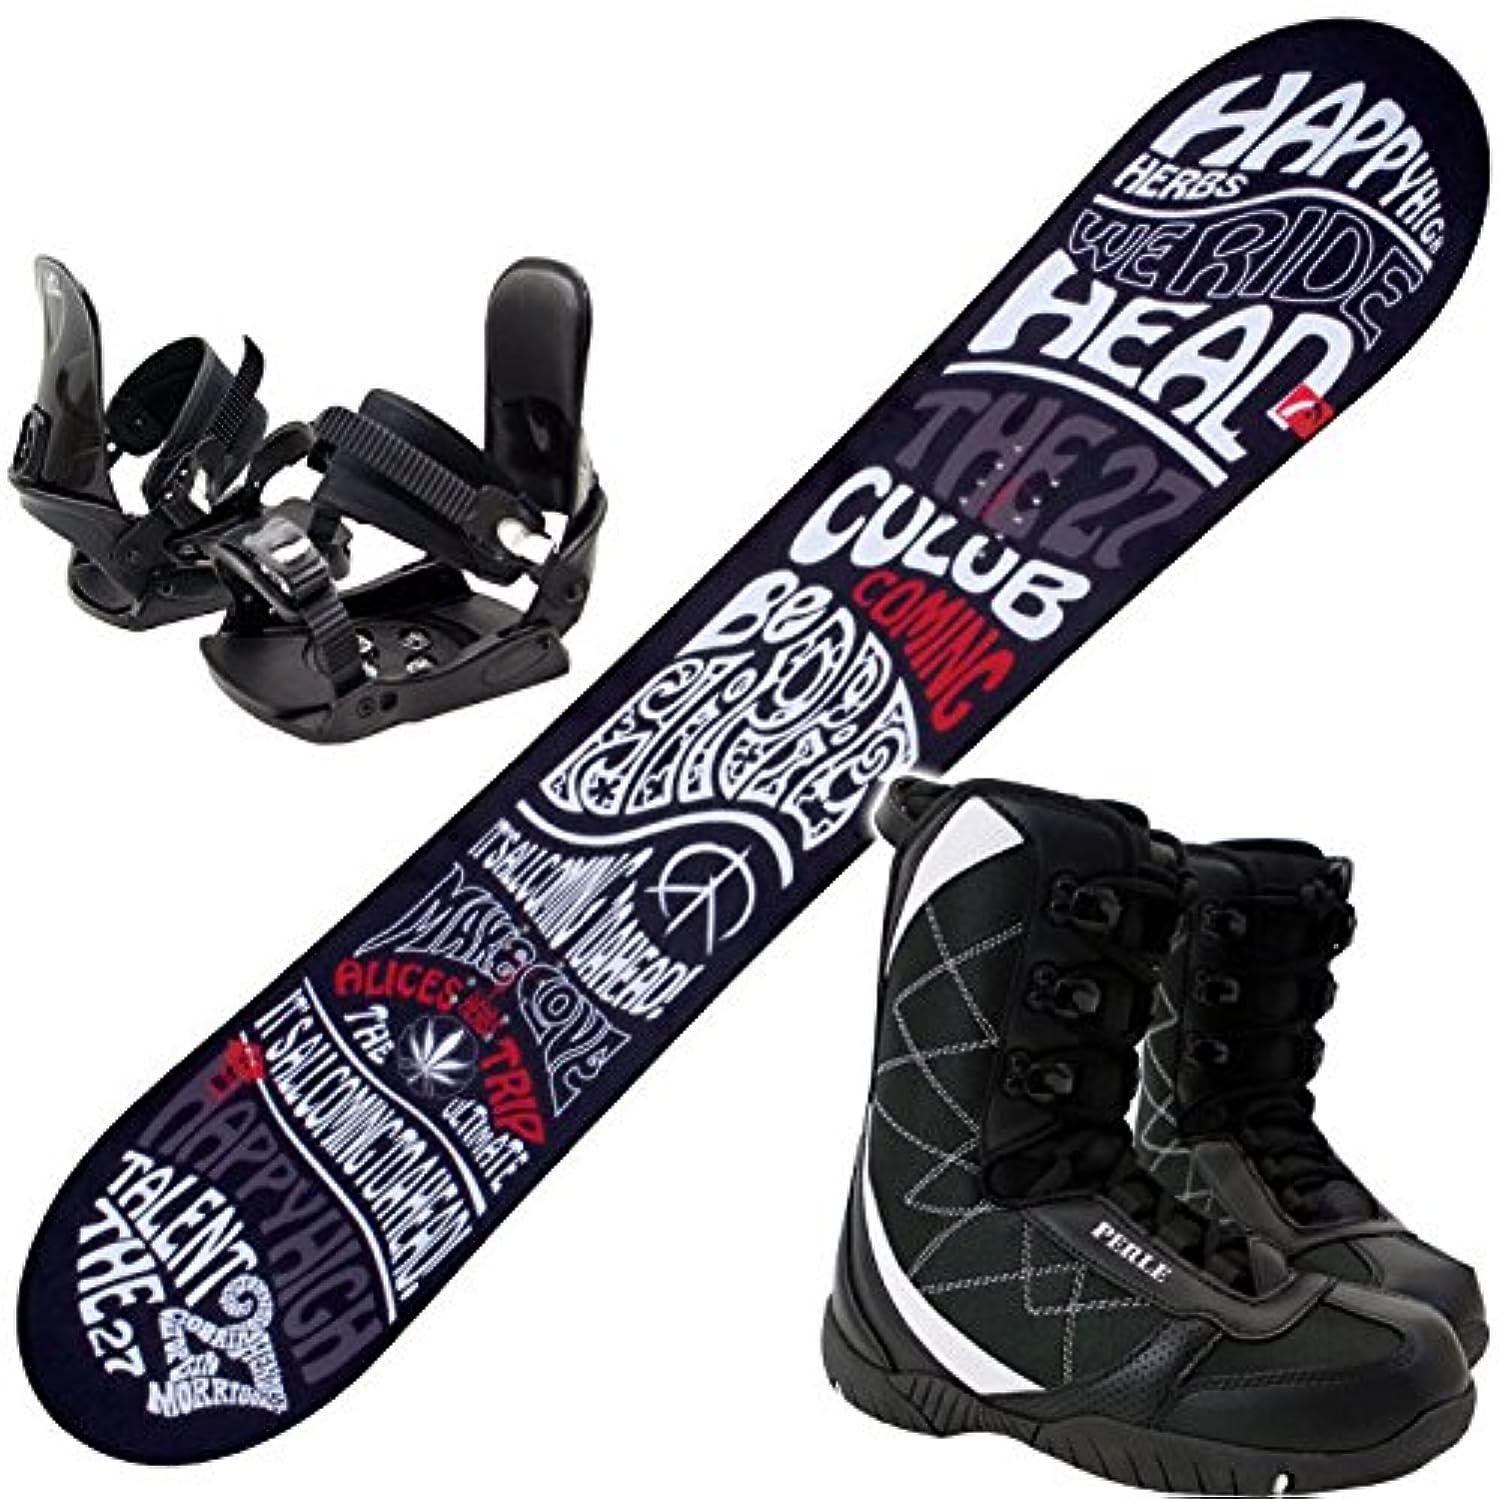 責宿る司教ヘッド(HEAD) スノーボード 3点セット 15-16 TALENT FLOCKA M 金具付き ブーツ付き